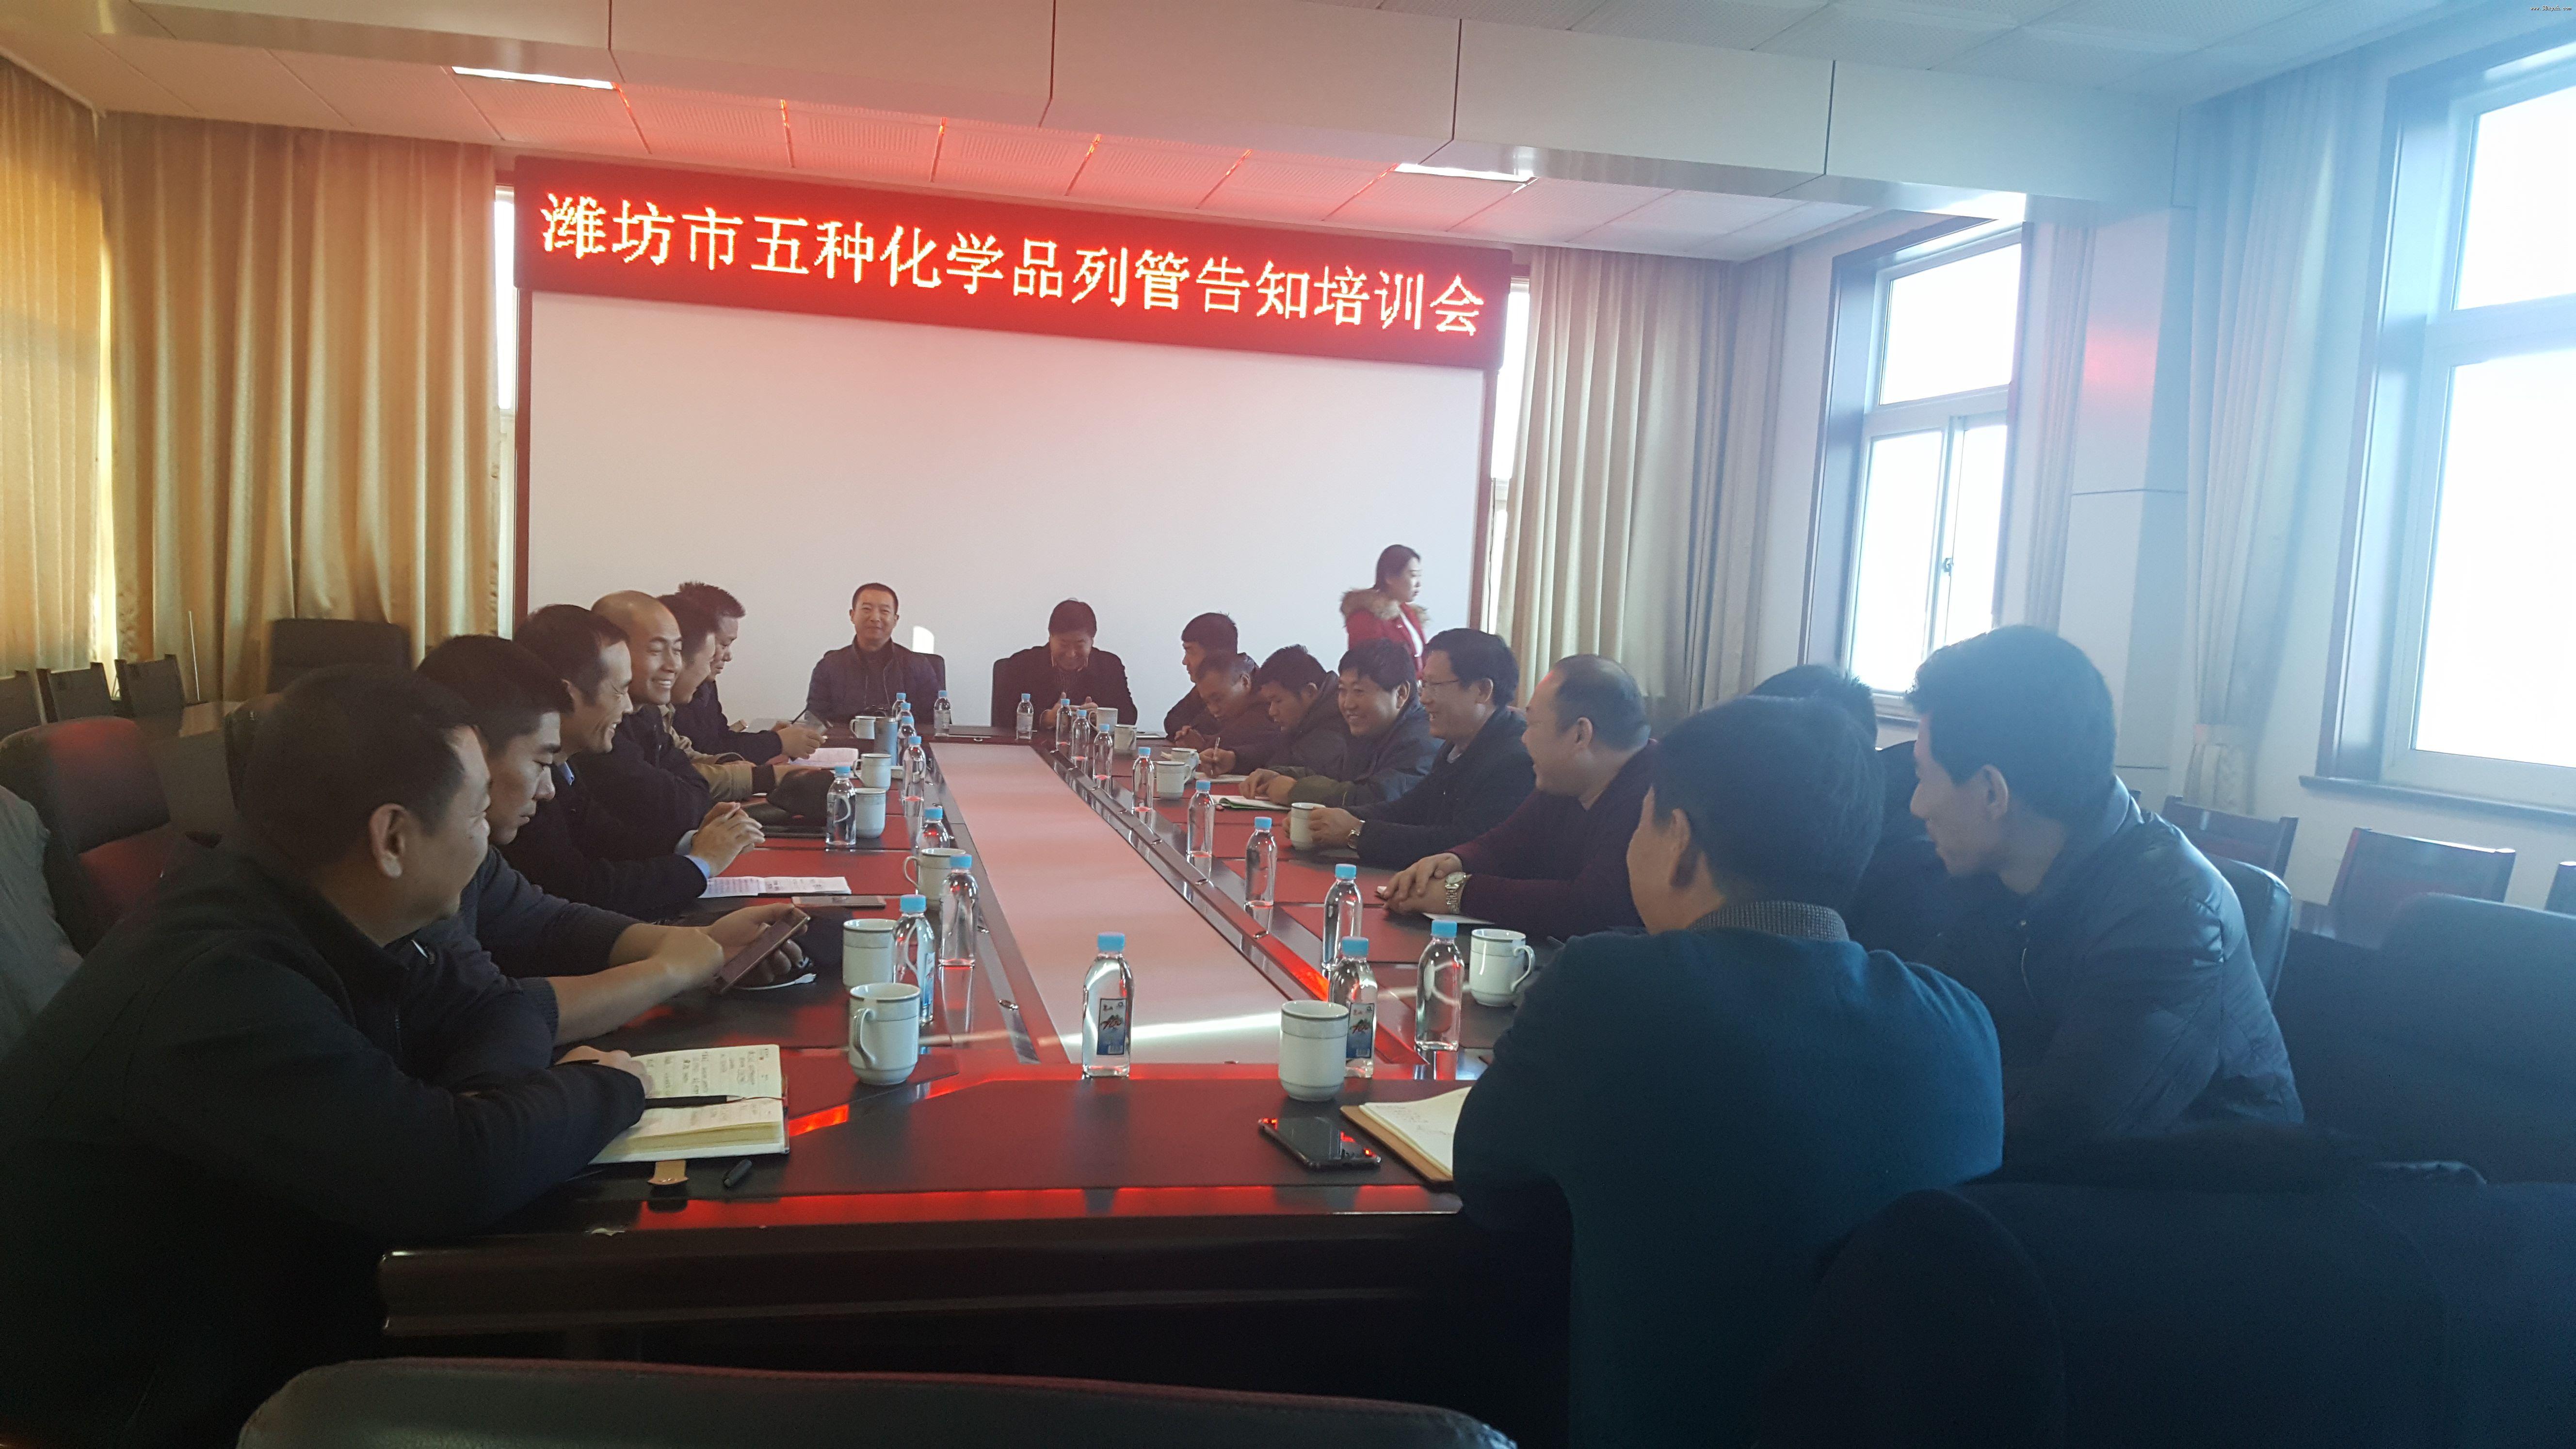 潍坊市公安局到协会进行五种化学品列管告知培训